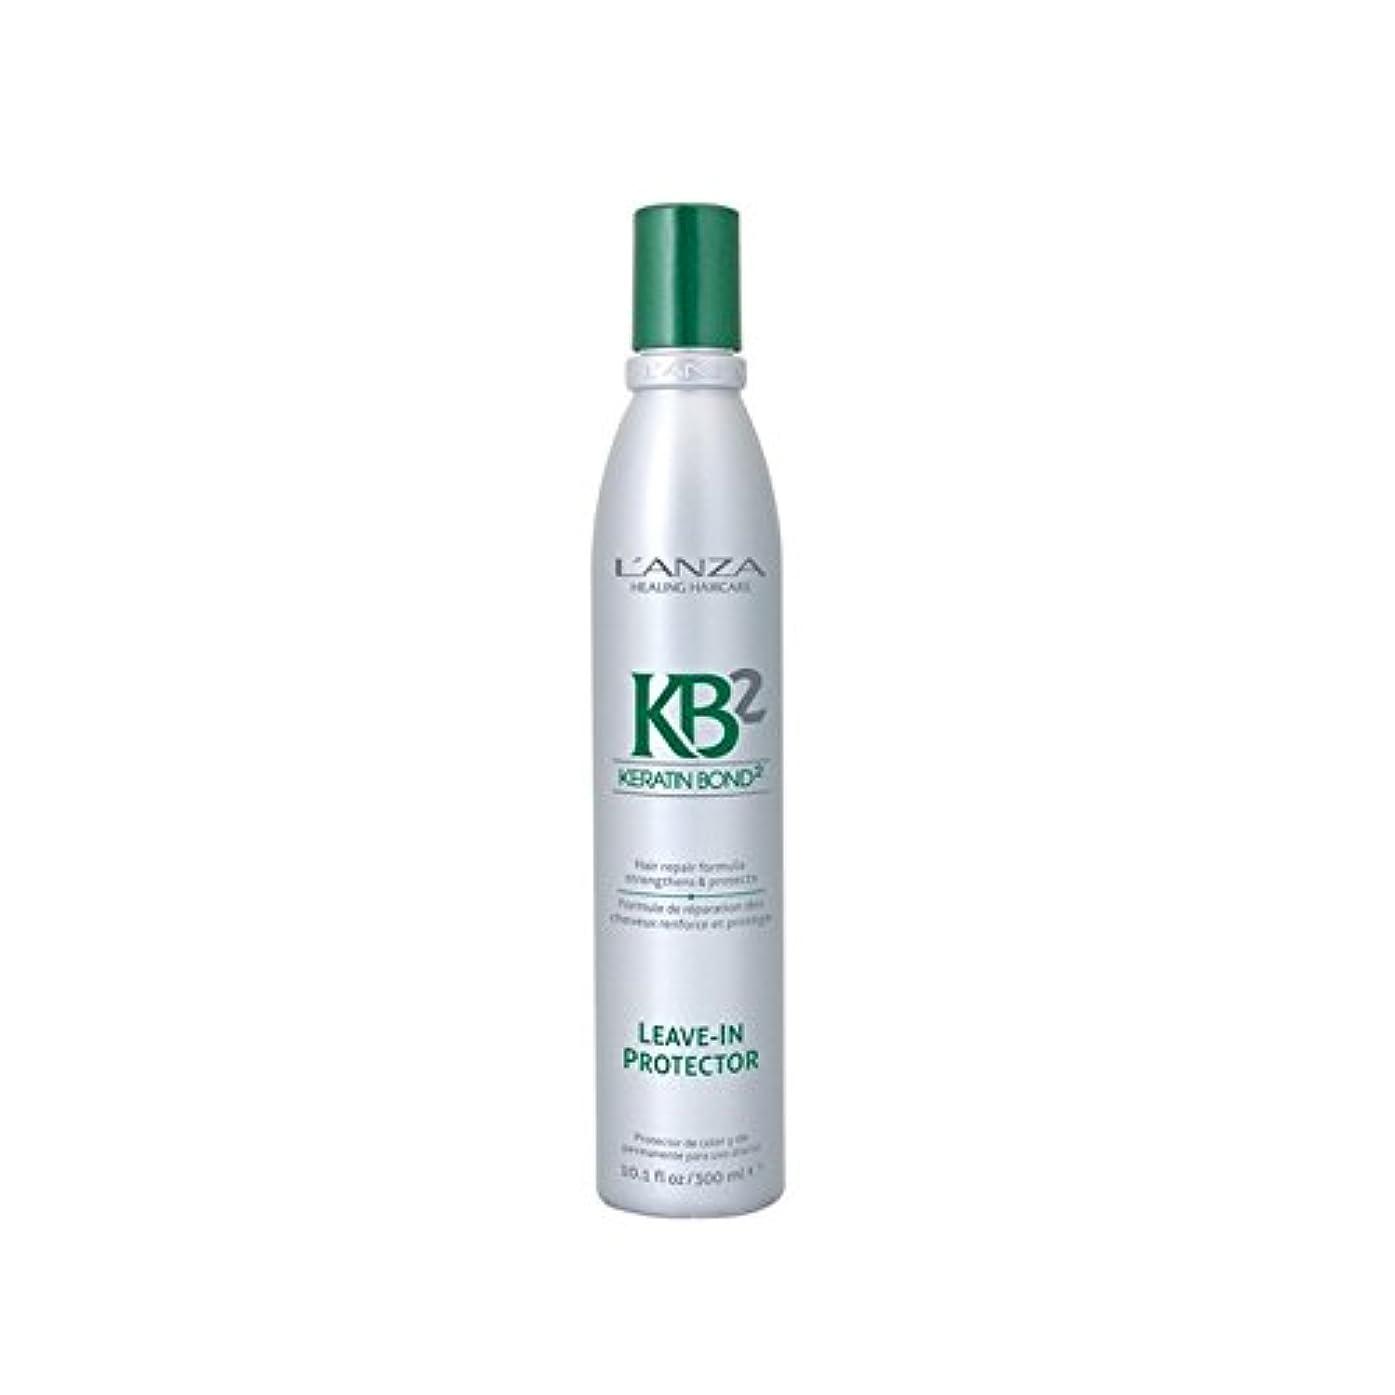 苦痛いらいらする成果アンザはプロテクターヘアトリートメント(300ミリリットル)に残し2 x2 - L'Anza Kb2 Leave In Protector Hair Treatment (300ml) (Pack of 2) [並行輸入品]